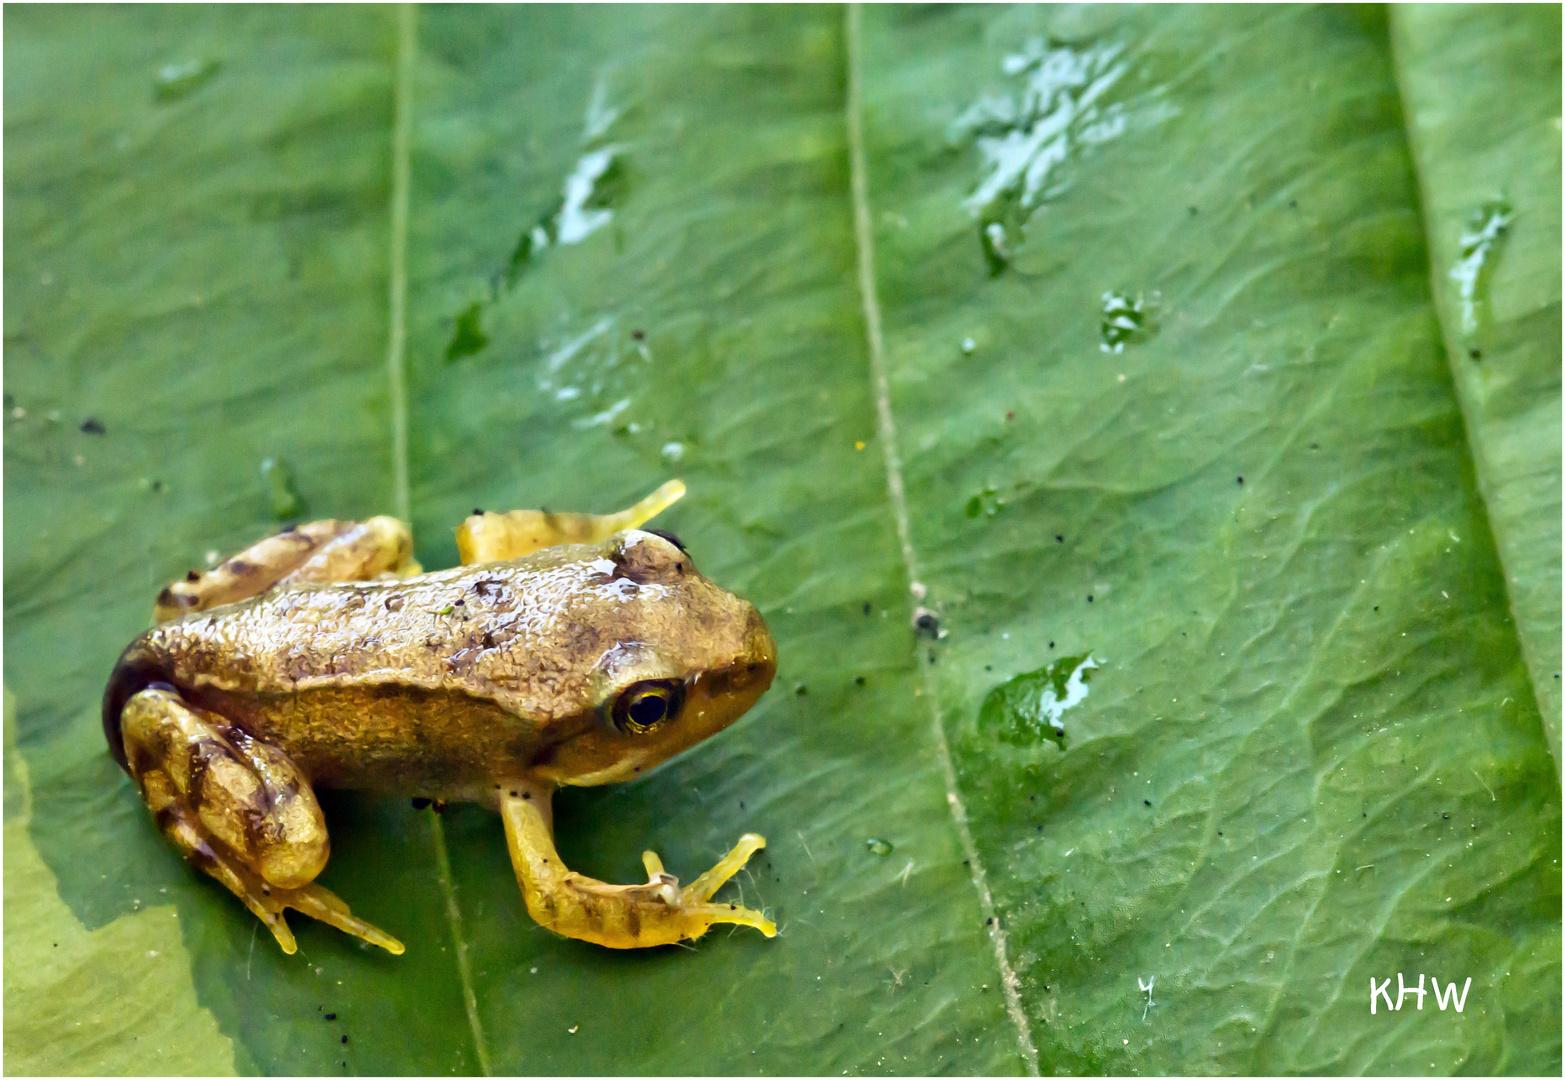 kleiner junger frosch 13 mm gro foto bild tiere wildlife amphibien reptilien bilder auf. Black Bedroom Furniture Sets. Home Design Ideas